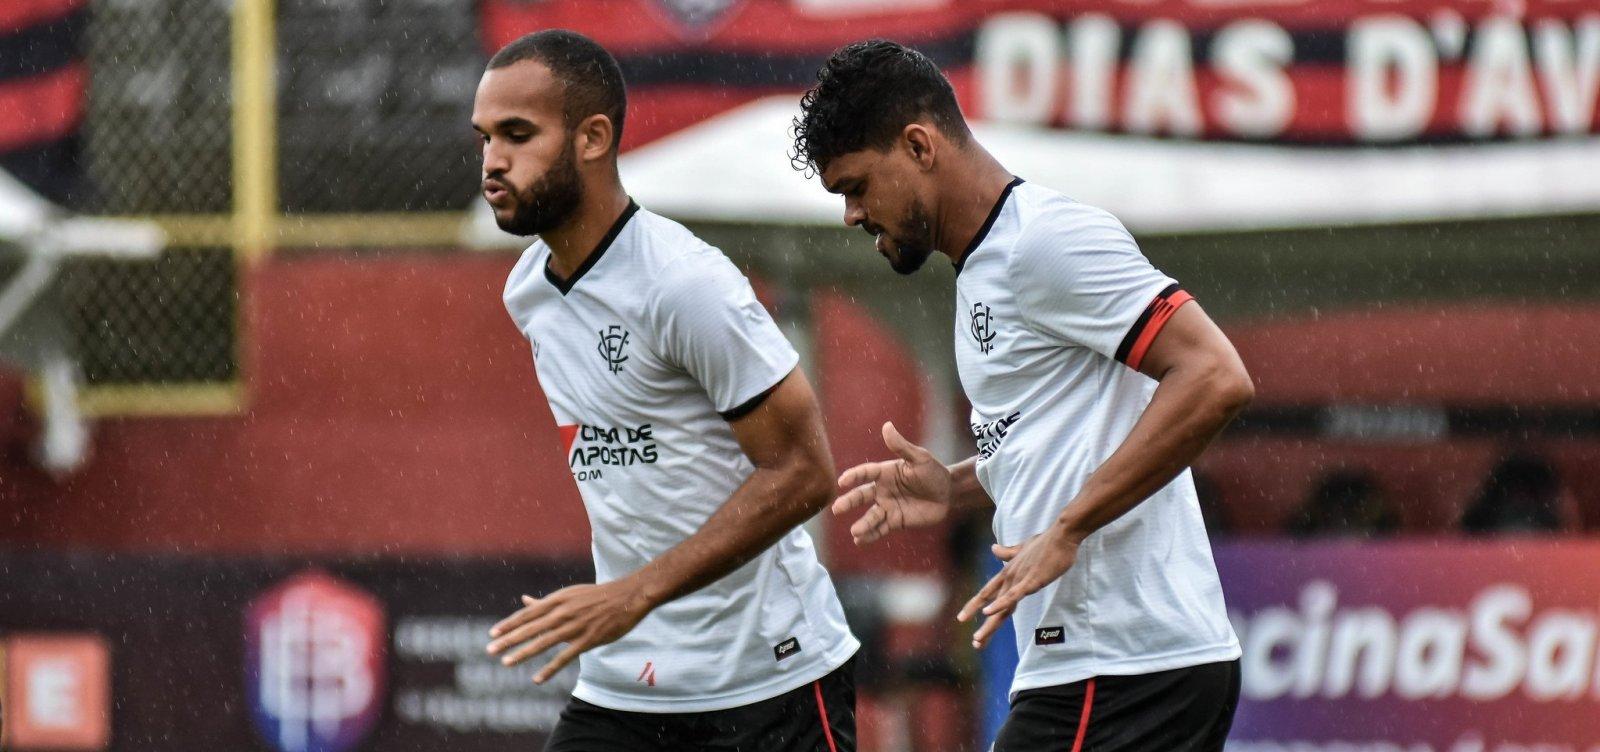 Com eliminação do Bahia, Vitória terá que disputar a pré-Copa do Nordeste